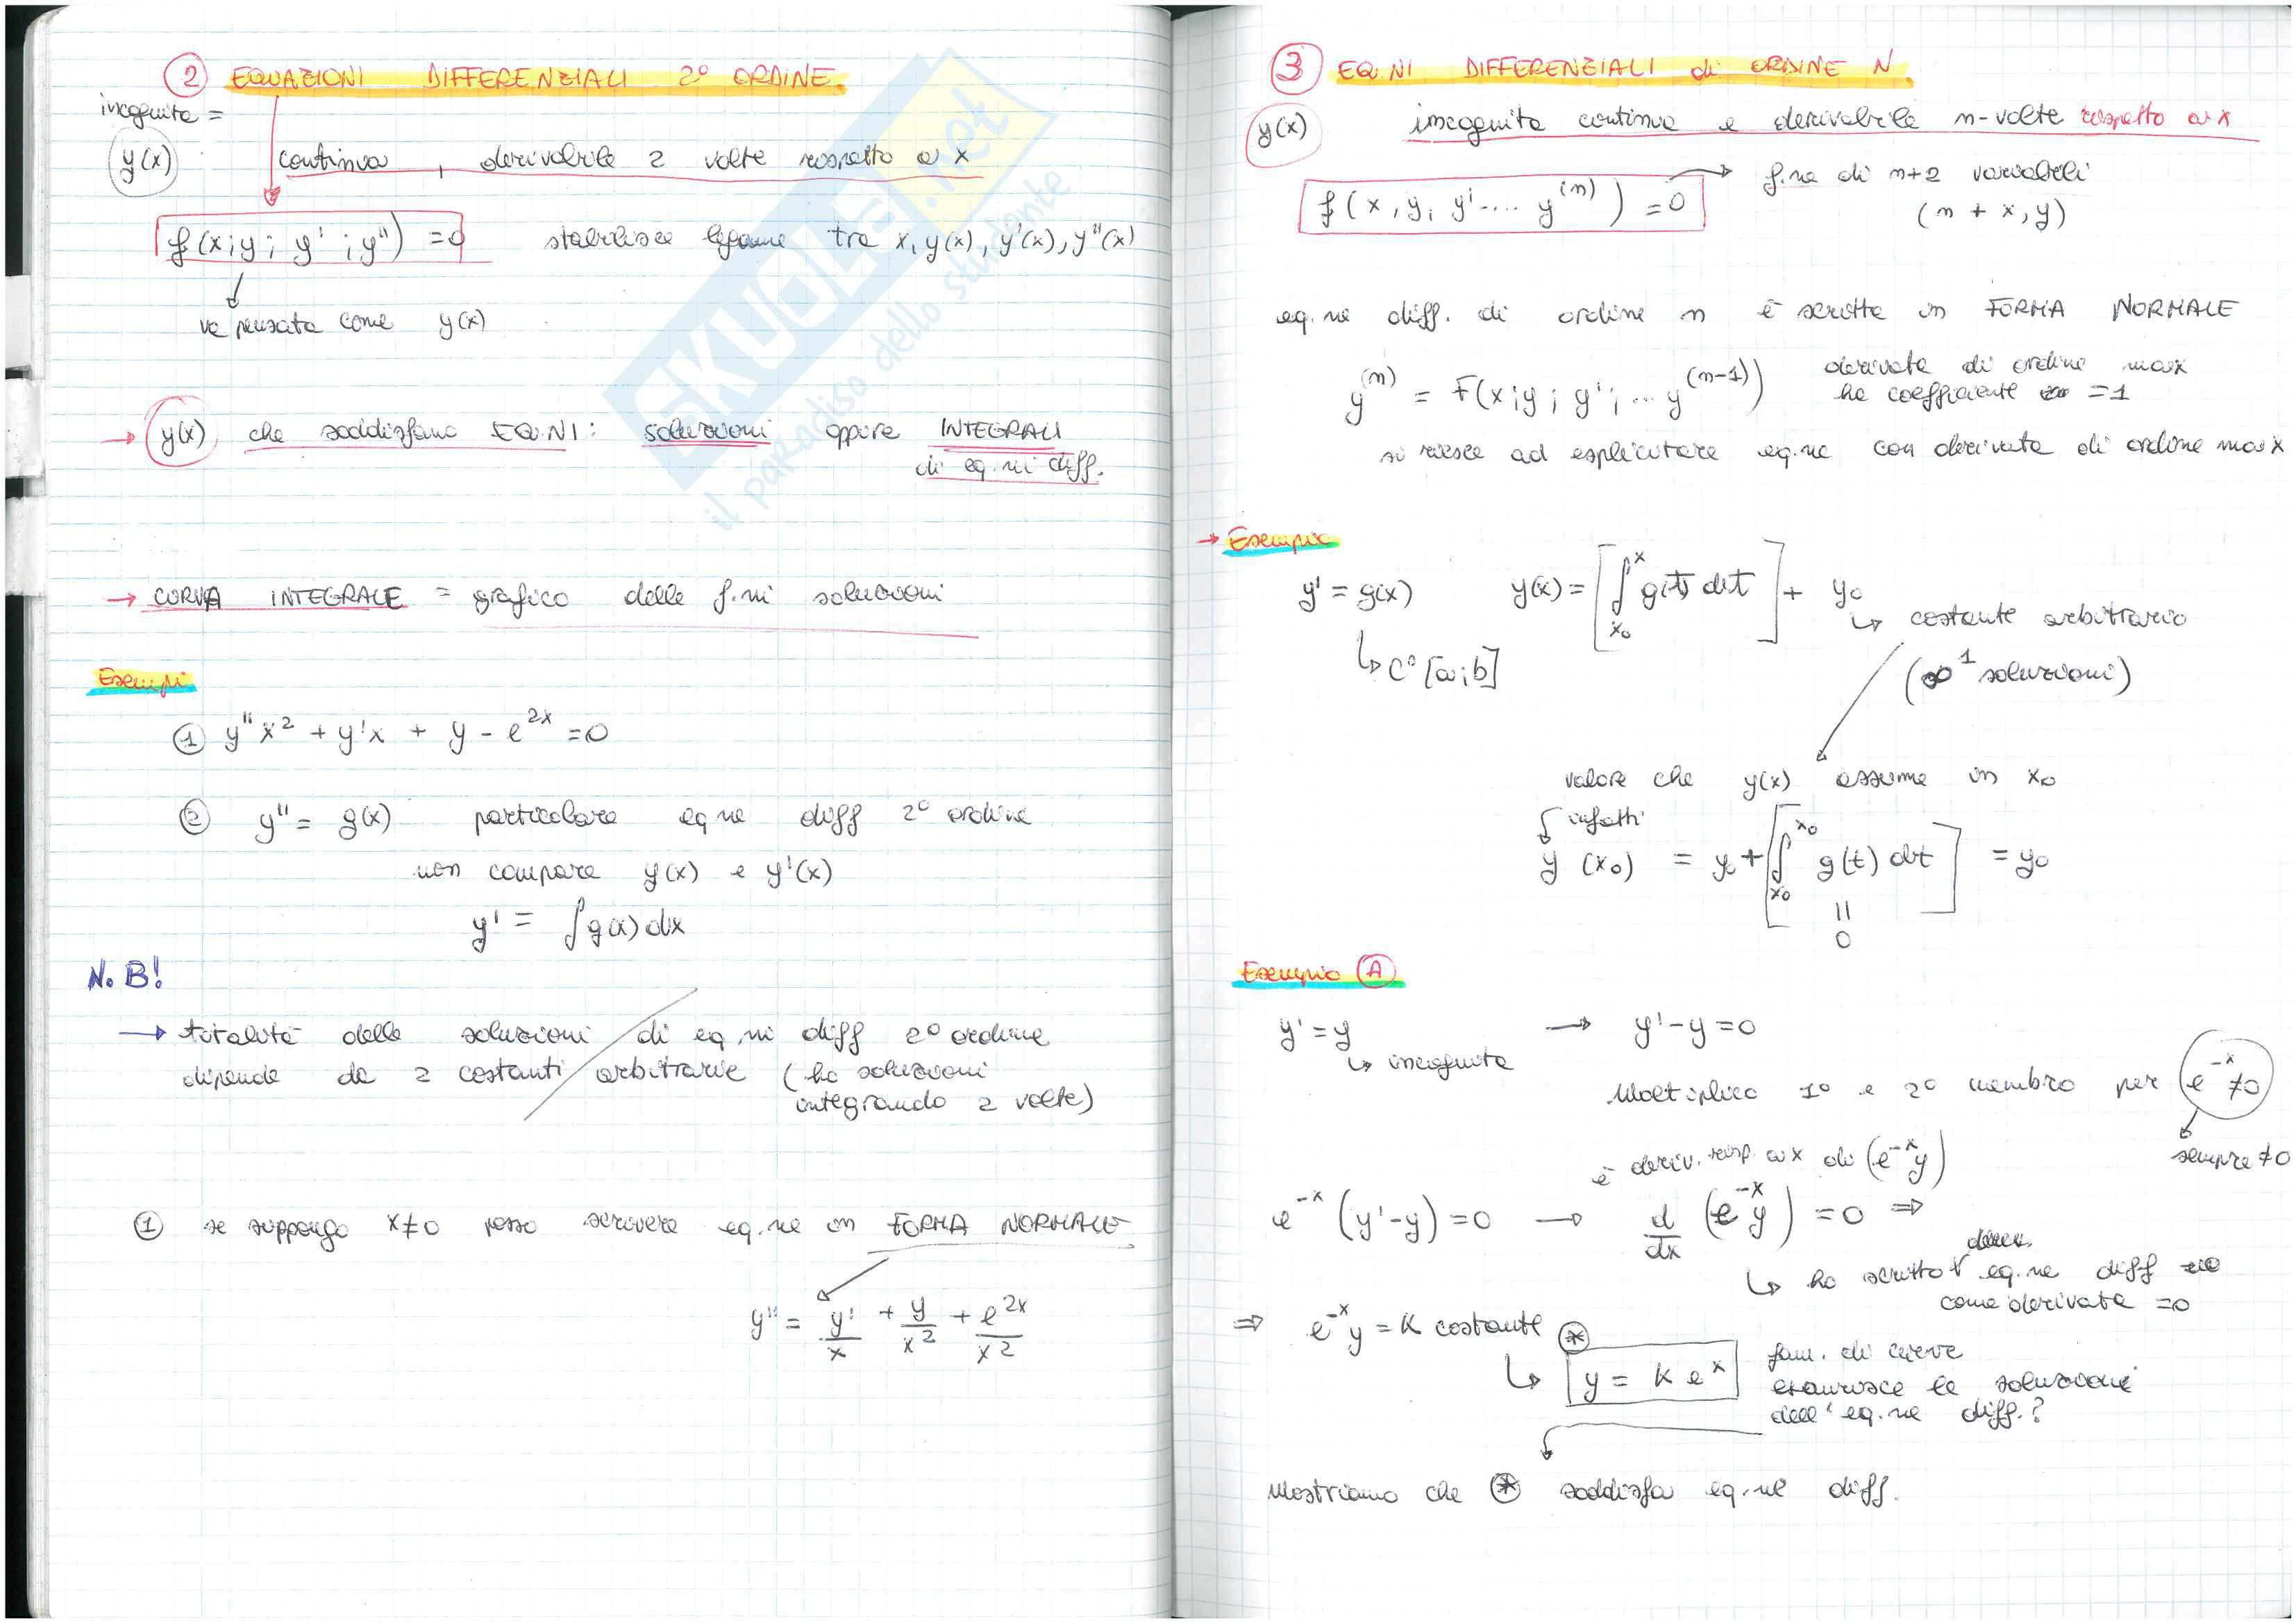 (3/3) Appunti presi a lezione di Analisi matematica 2, prof. M. R. Martinelli, libri consigliati Elementi di Analisi Matematica 2, Fusco, Marcellini, Sbordone e Analisi Matematica 2, Ghizzetti, Rosati Pag. 21